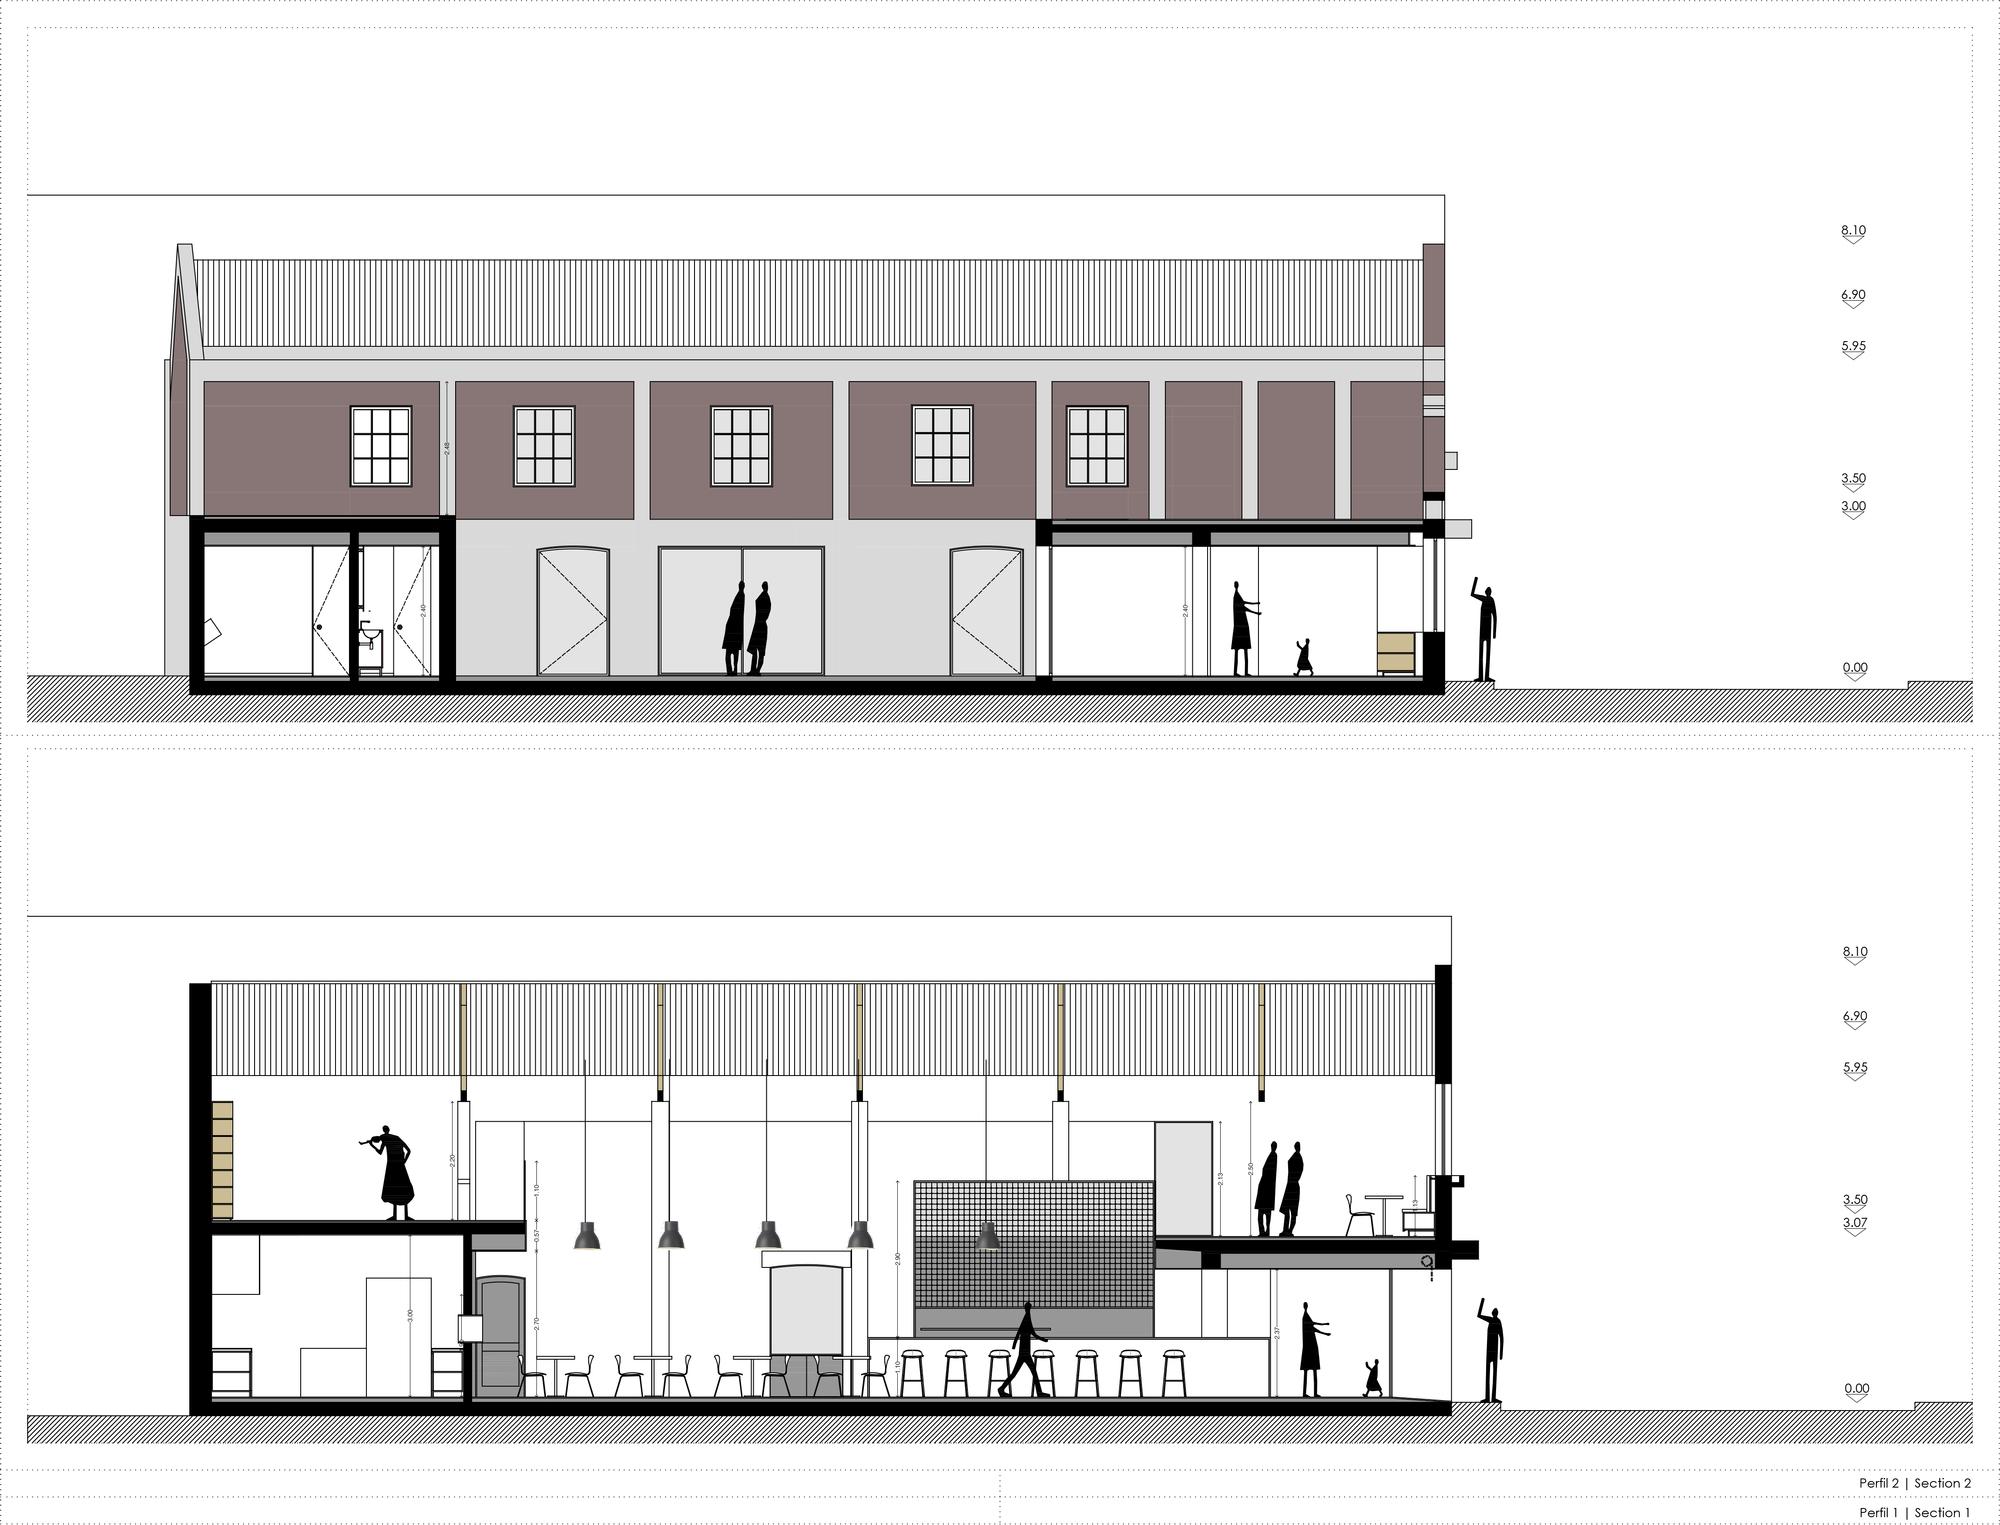 Gallery of theatro mimool arquitectura design de - Arquitectura de interiores ...